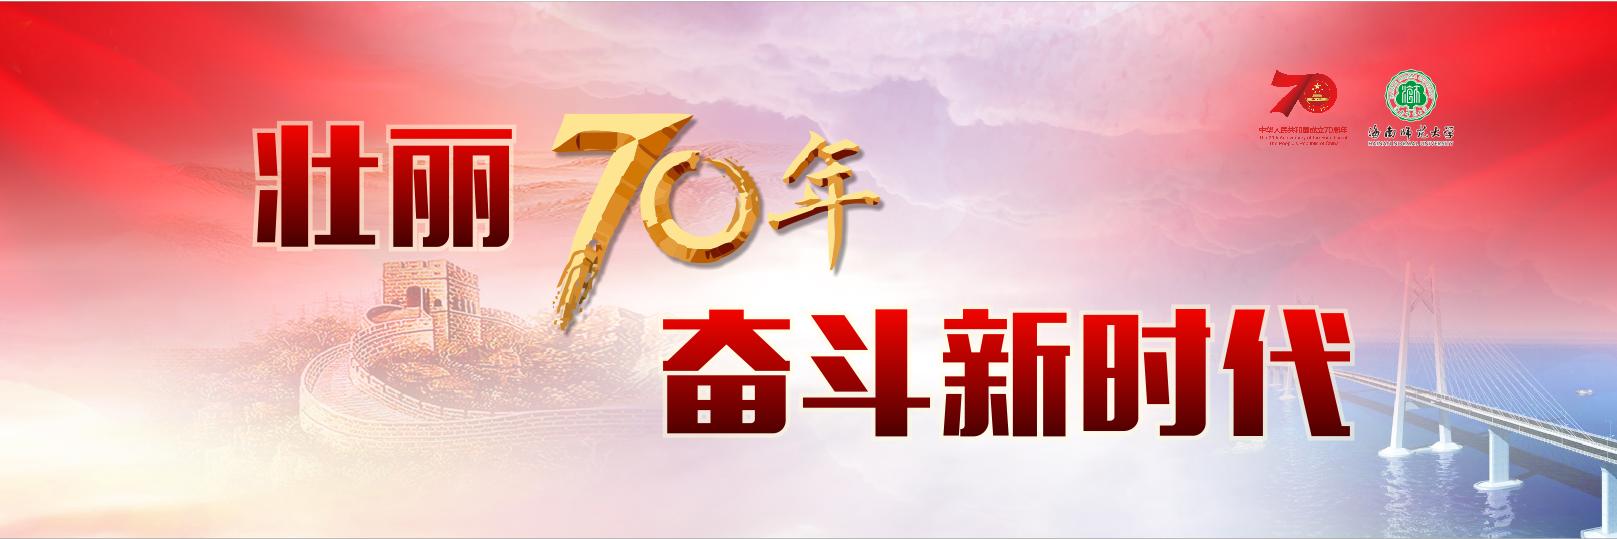 热烈庆祝新中国成立70周年!